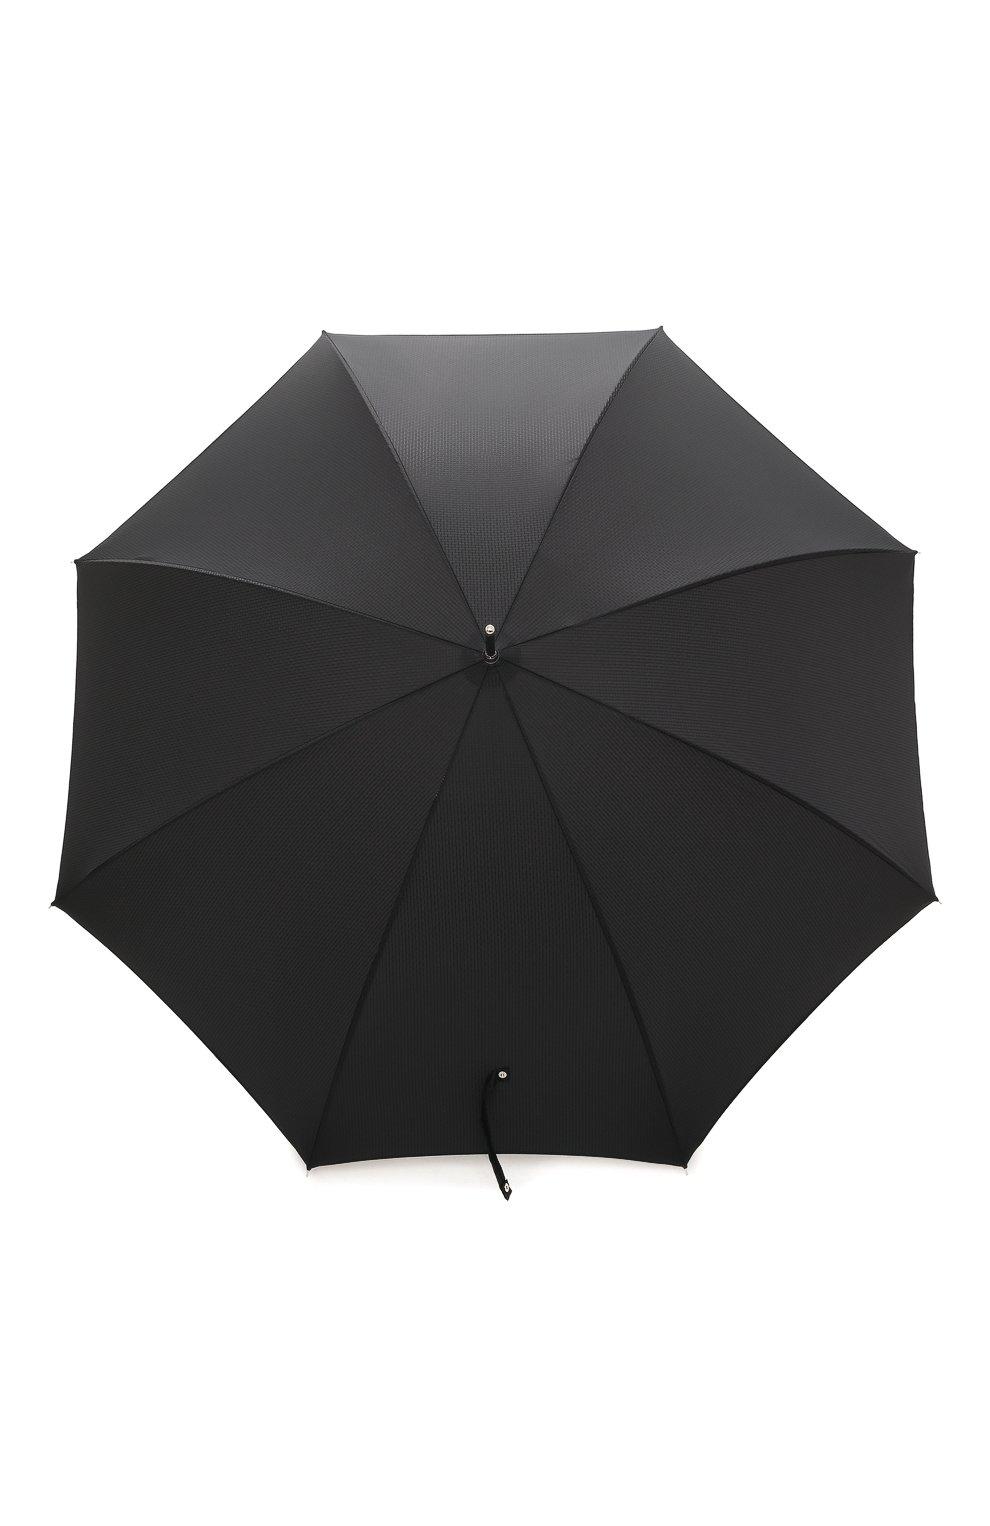 Мужской зонт-трость PASOTTI OMBRELLI черного цвета, арт. 478/NIAGARA 7079/8/W09 | Фото 1 (Материал: Текстиль, Синтетический материал, Металл; Статус проверки: Проверено, Проверена категория)